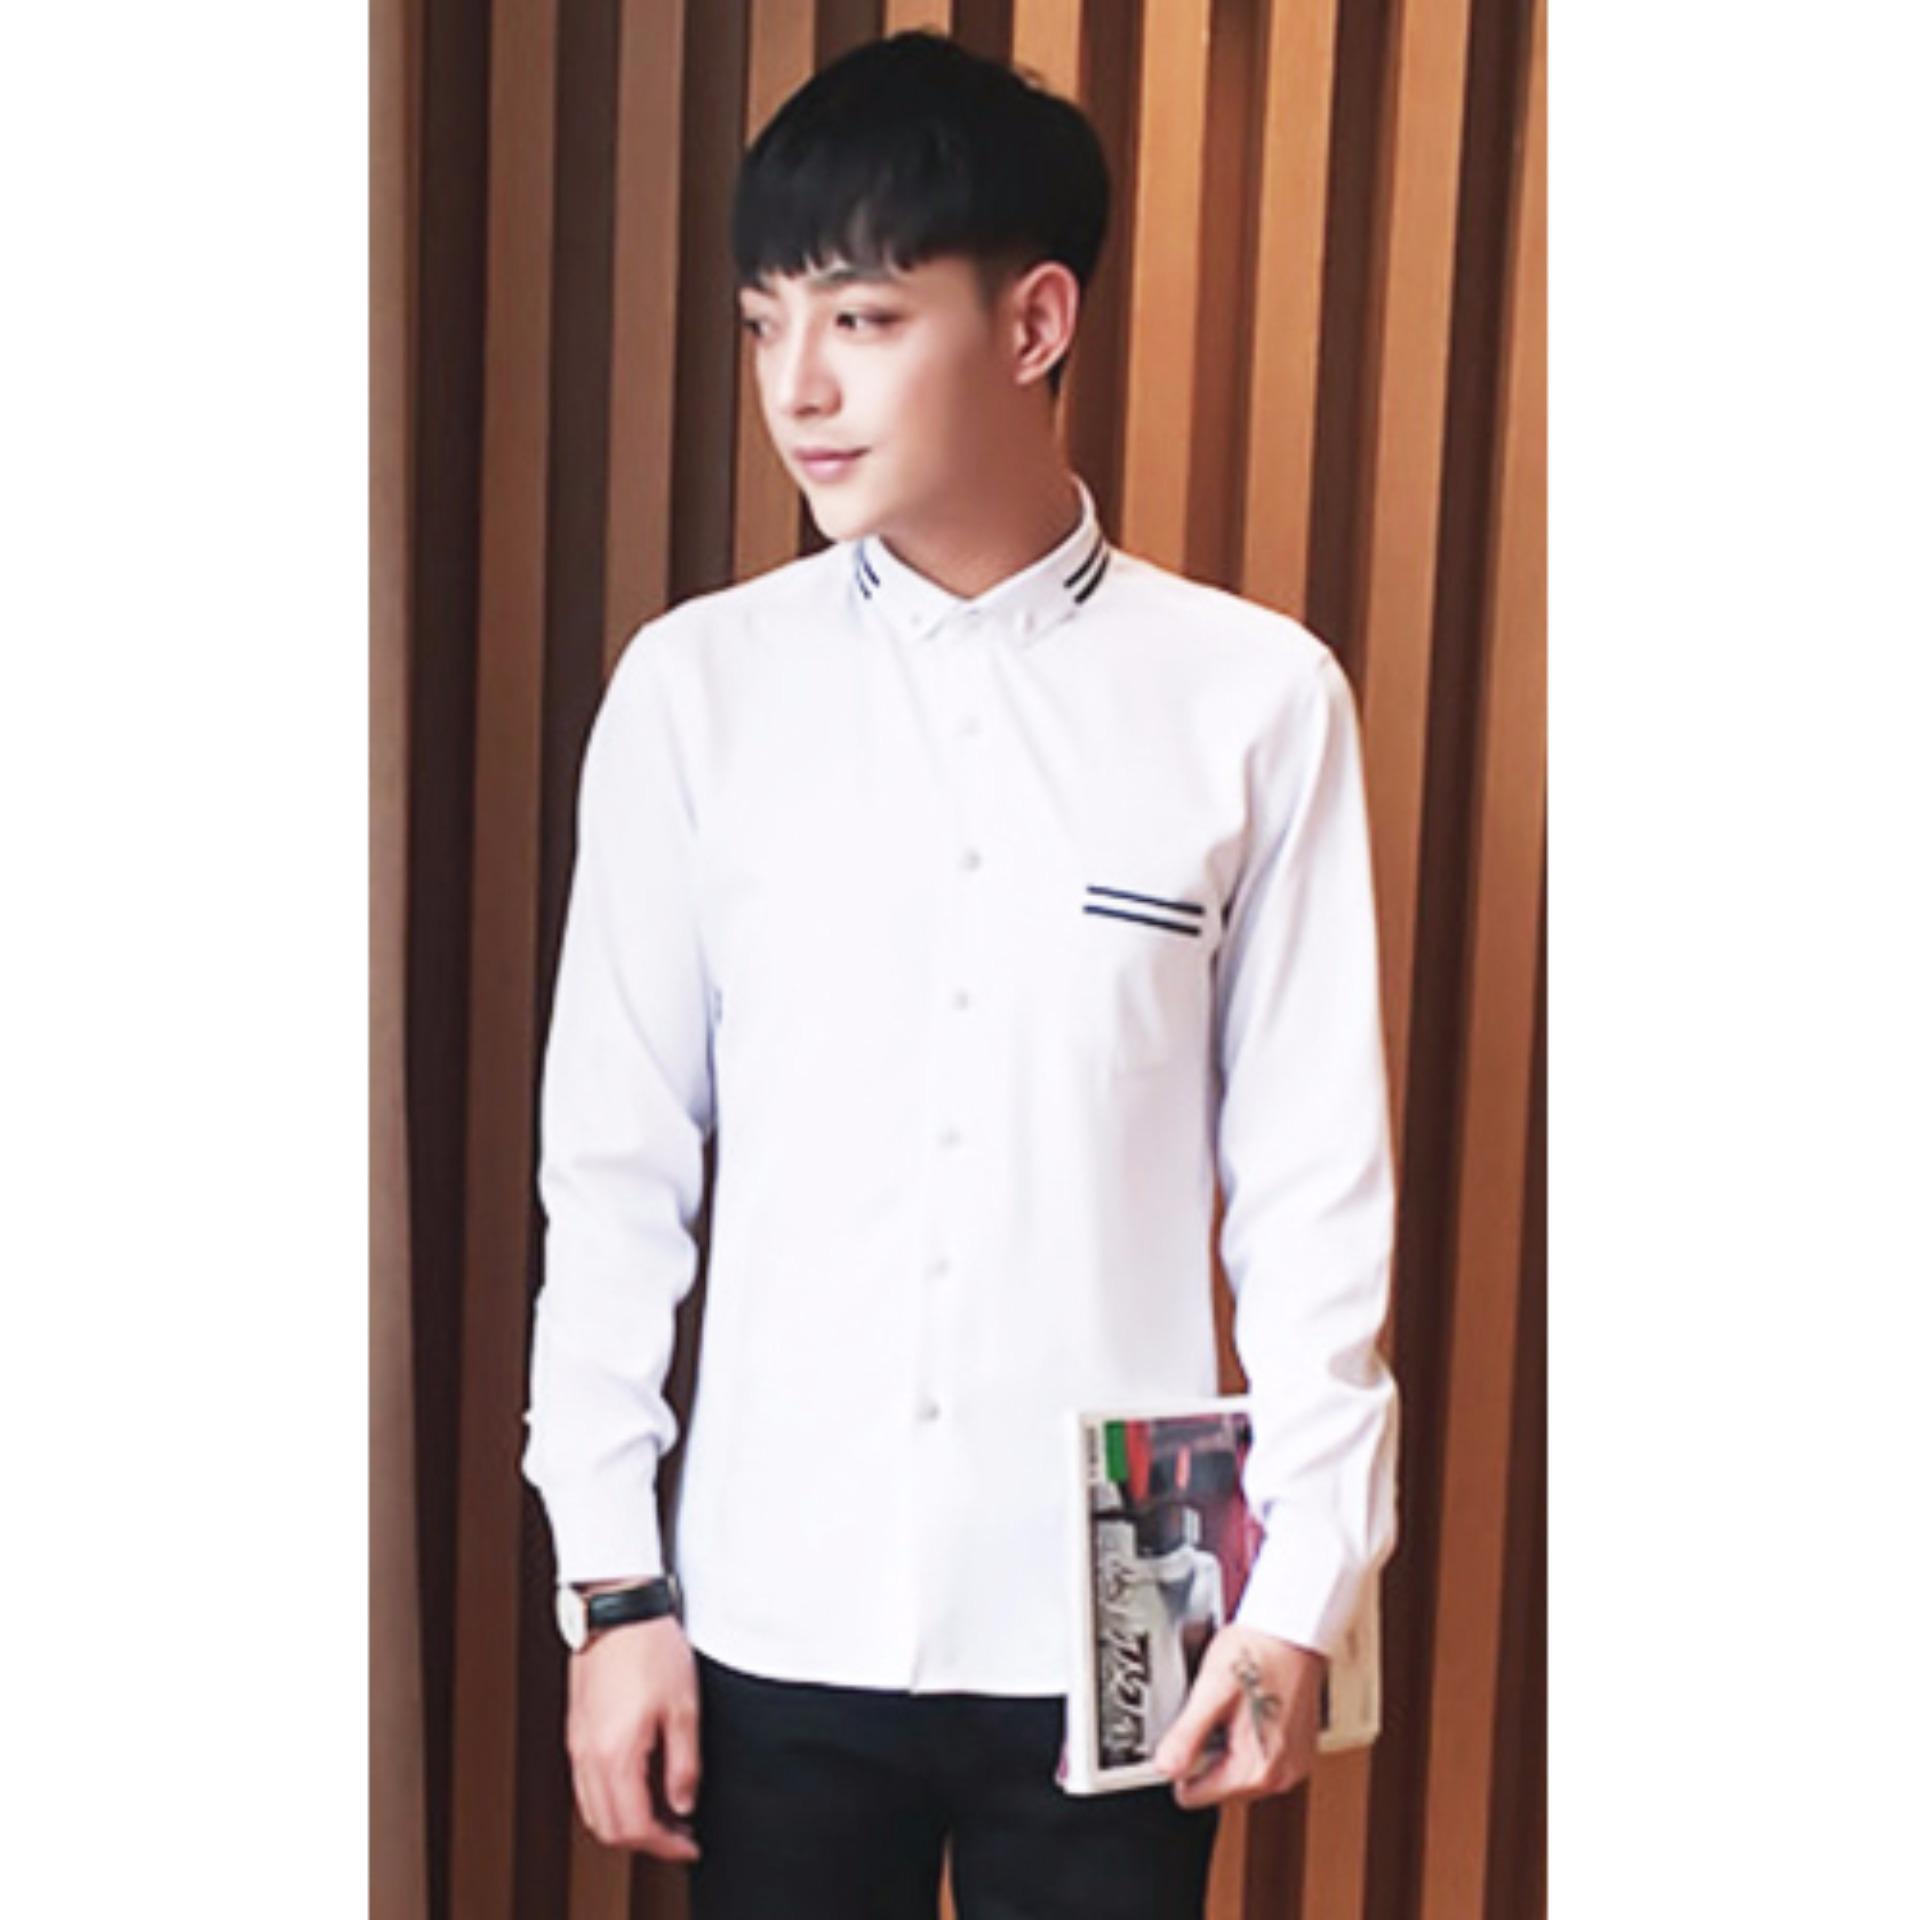 Flash Sale Kenzi Top - putih / atasan pria / kemeja pria / pakaian pria / baju pria